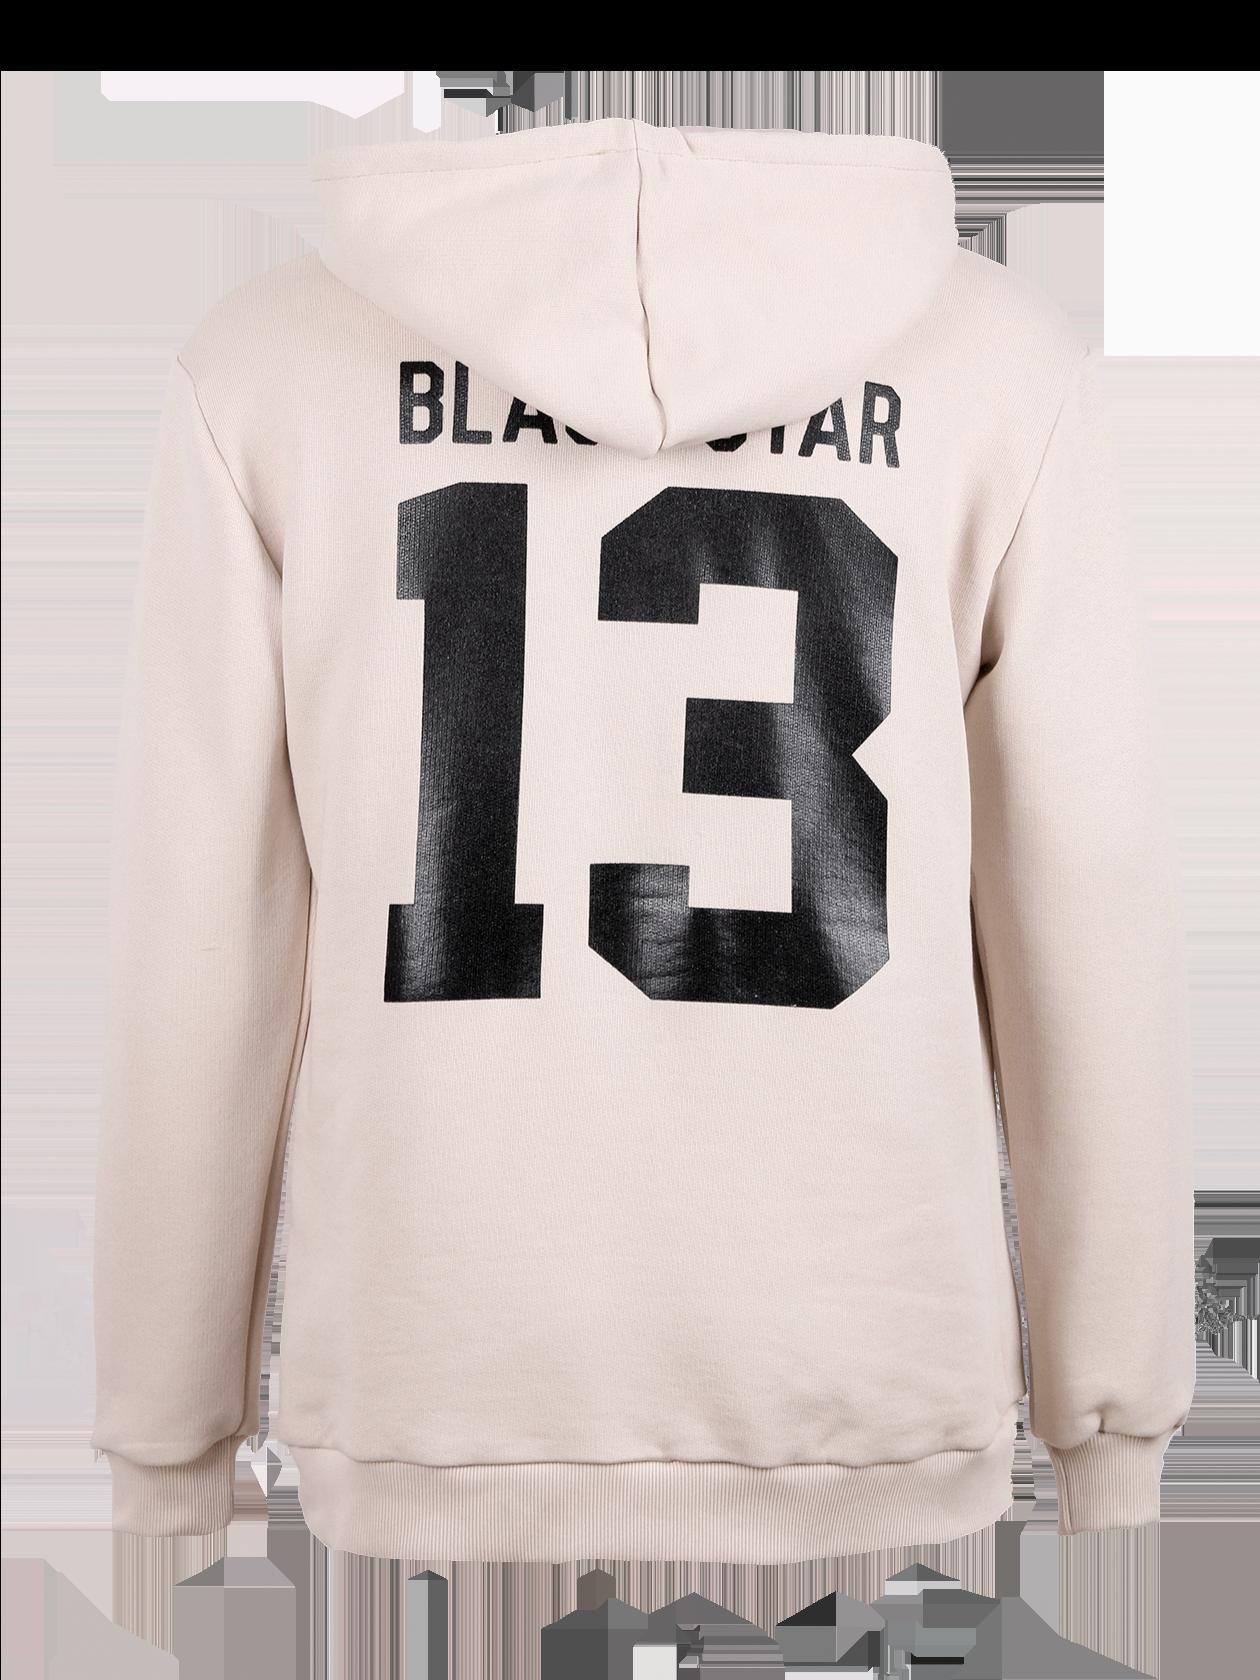 Костюм спортивный мужской BlackStar 13Костюм спортивный мужской Blackstar 13 в приятном цвете слоновой кости – стильная и практичная вещь в гардеробе активного мужчины. Толстовка с капюшоном на завязках удлиненного свободного кроя. Манжеты и нижний край отделаны эластичной трикотажной резинкой, на спине крупный принт Black Star 13. Штаны с широким поясом на завязках, снизу оформлены эластичным трикотажем. У левого кармана принт Black Star 13. Изделие из мягкого бленда хлопка и эластана отличается высоким качеством и носкостью.<br><br>Размер: L<br>Цвет: Бежевый<br>Пол: Мужской